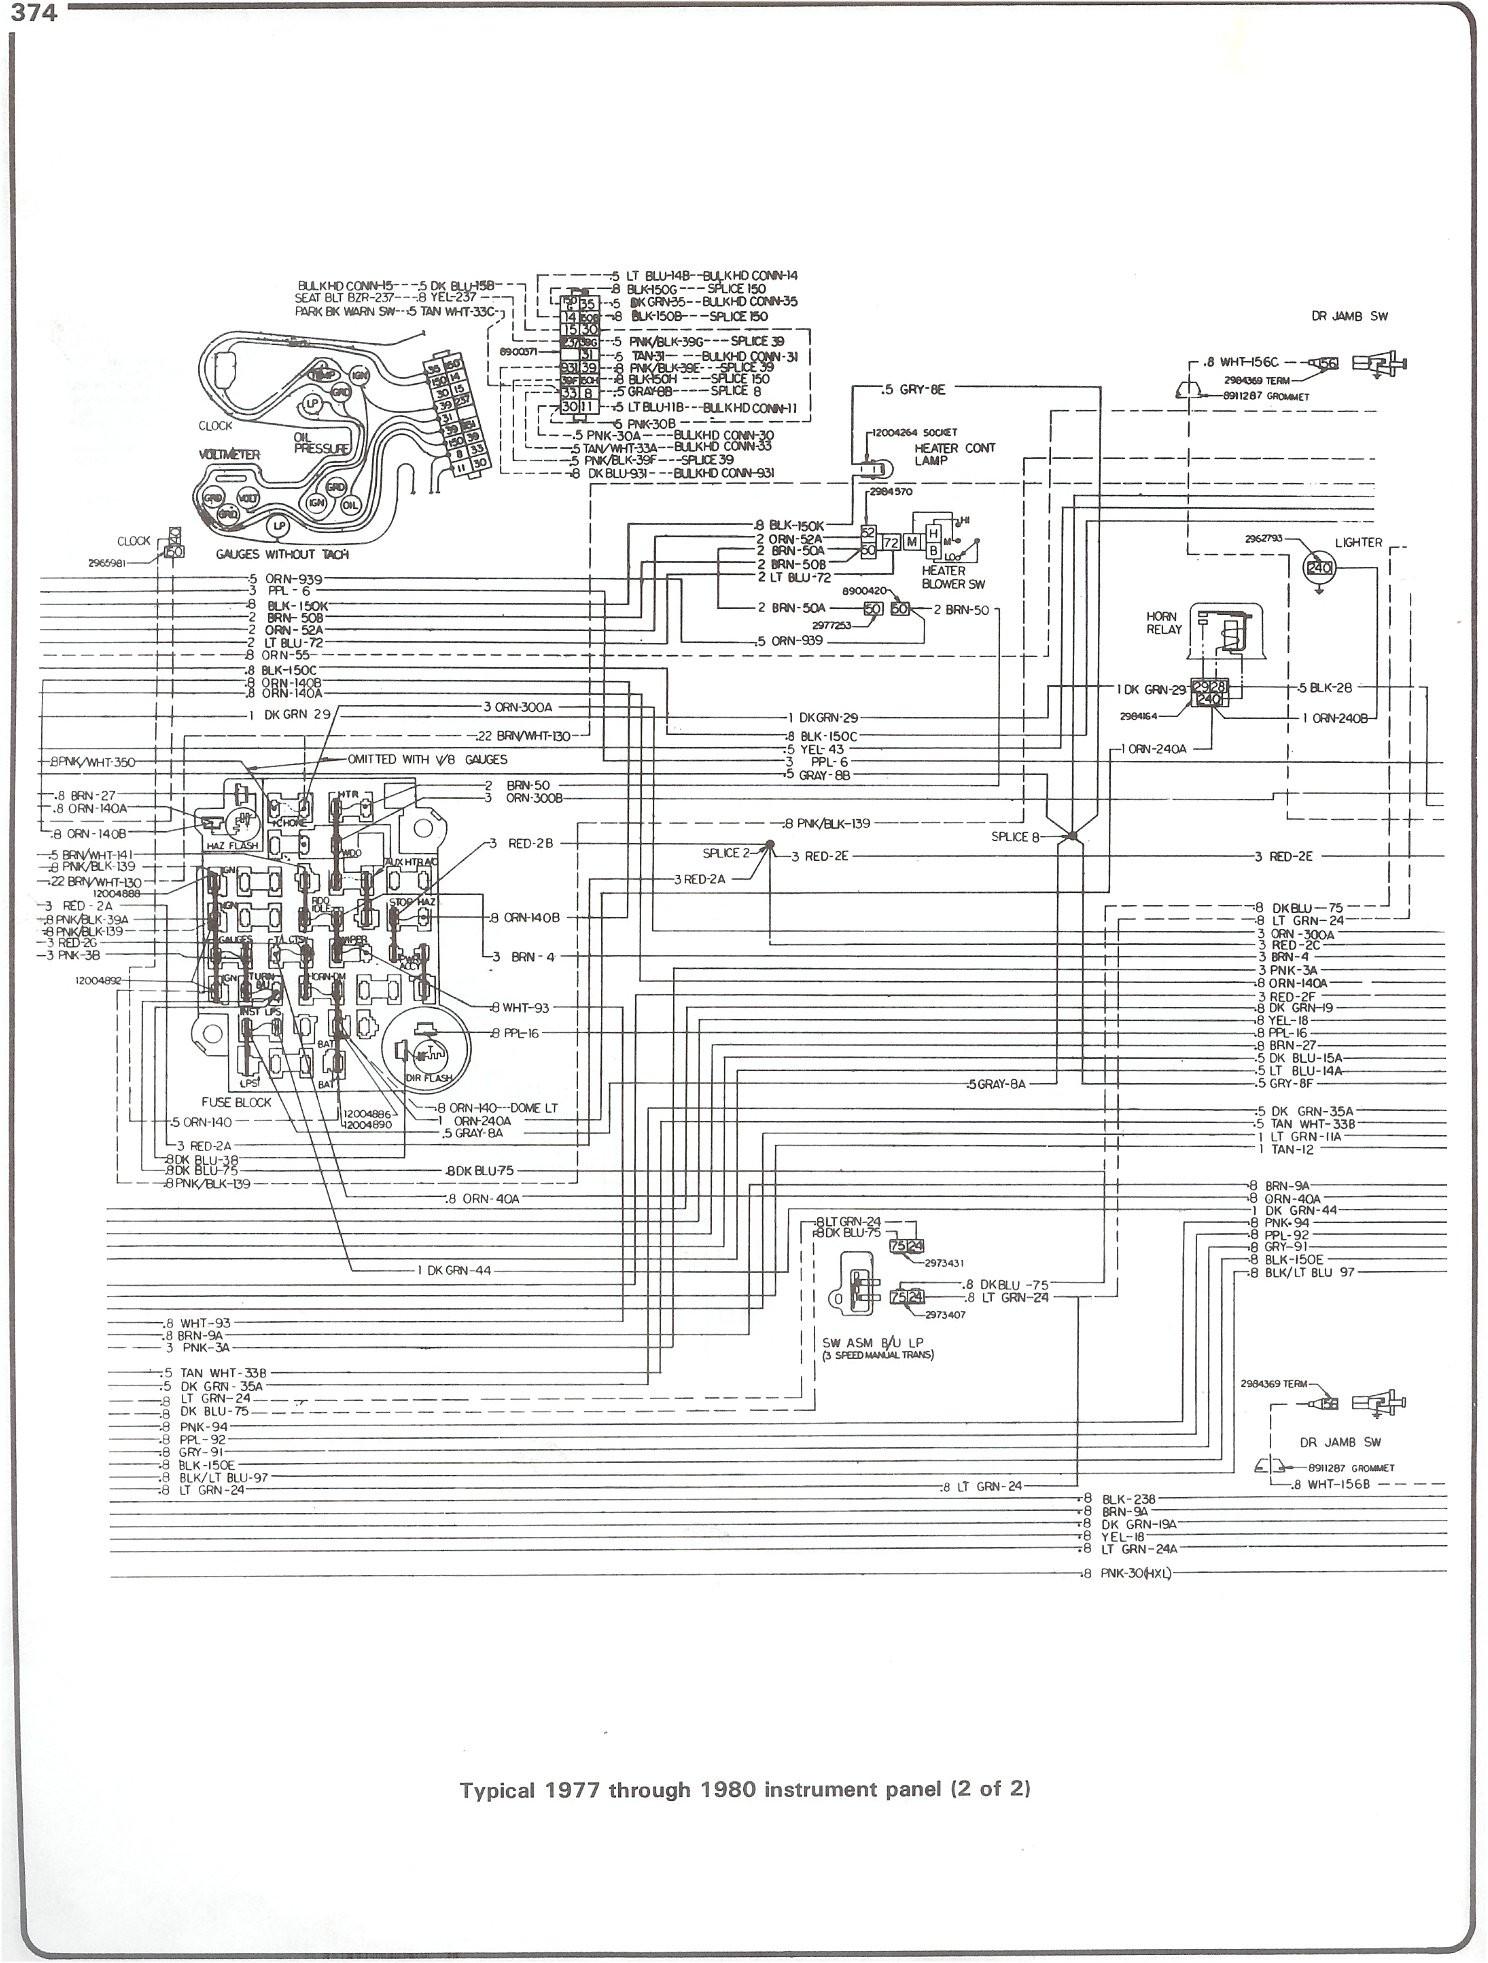 ford 3230 starter wiring diagram wiring diagram u2022 rh growbyte co Starter Solenoid Wiring Diagram for 1998 Ford Ranger 1996 Ford F-150 Starter Wiring Diagram